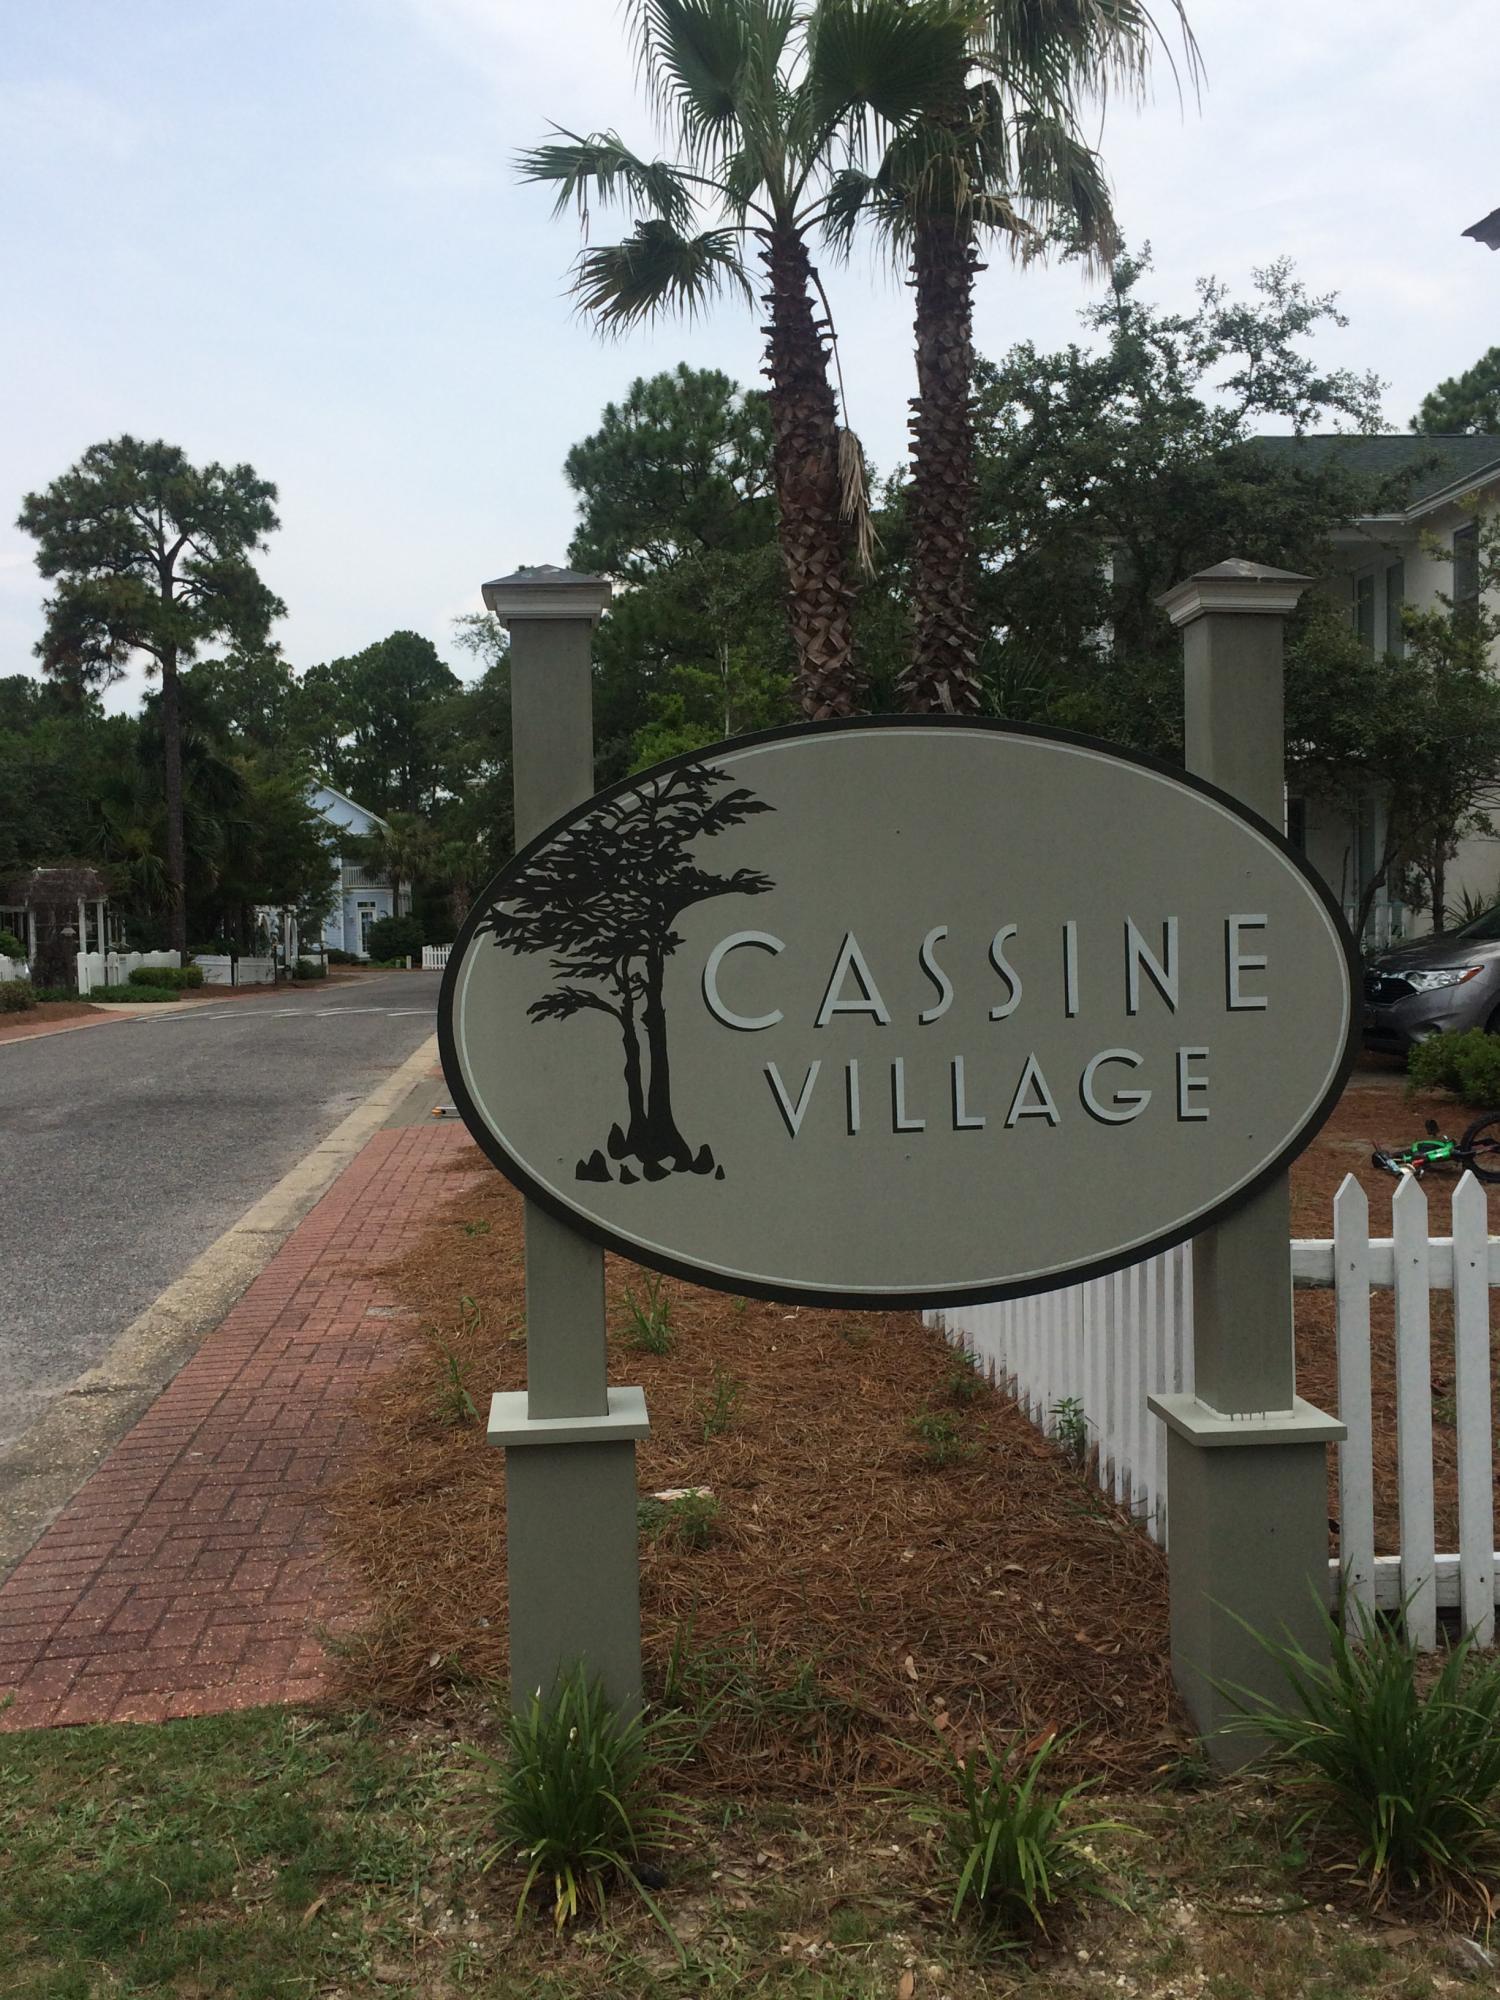 90 Cassine Way